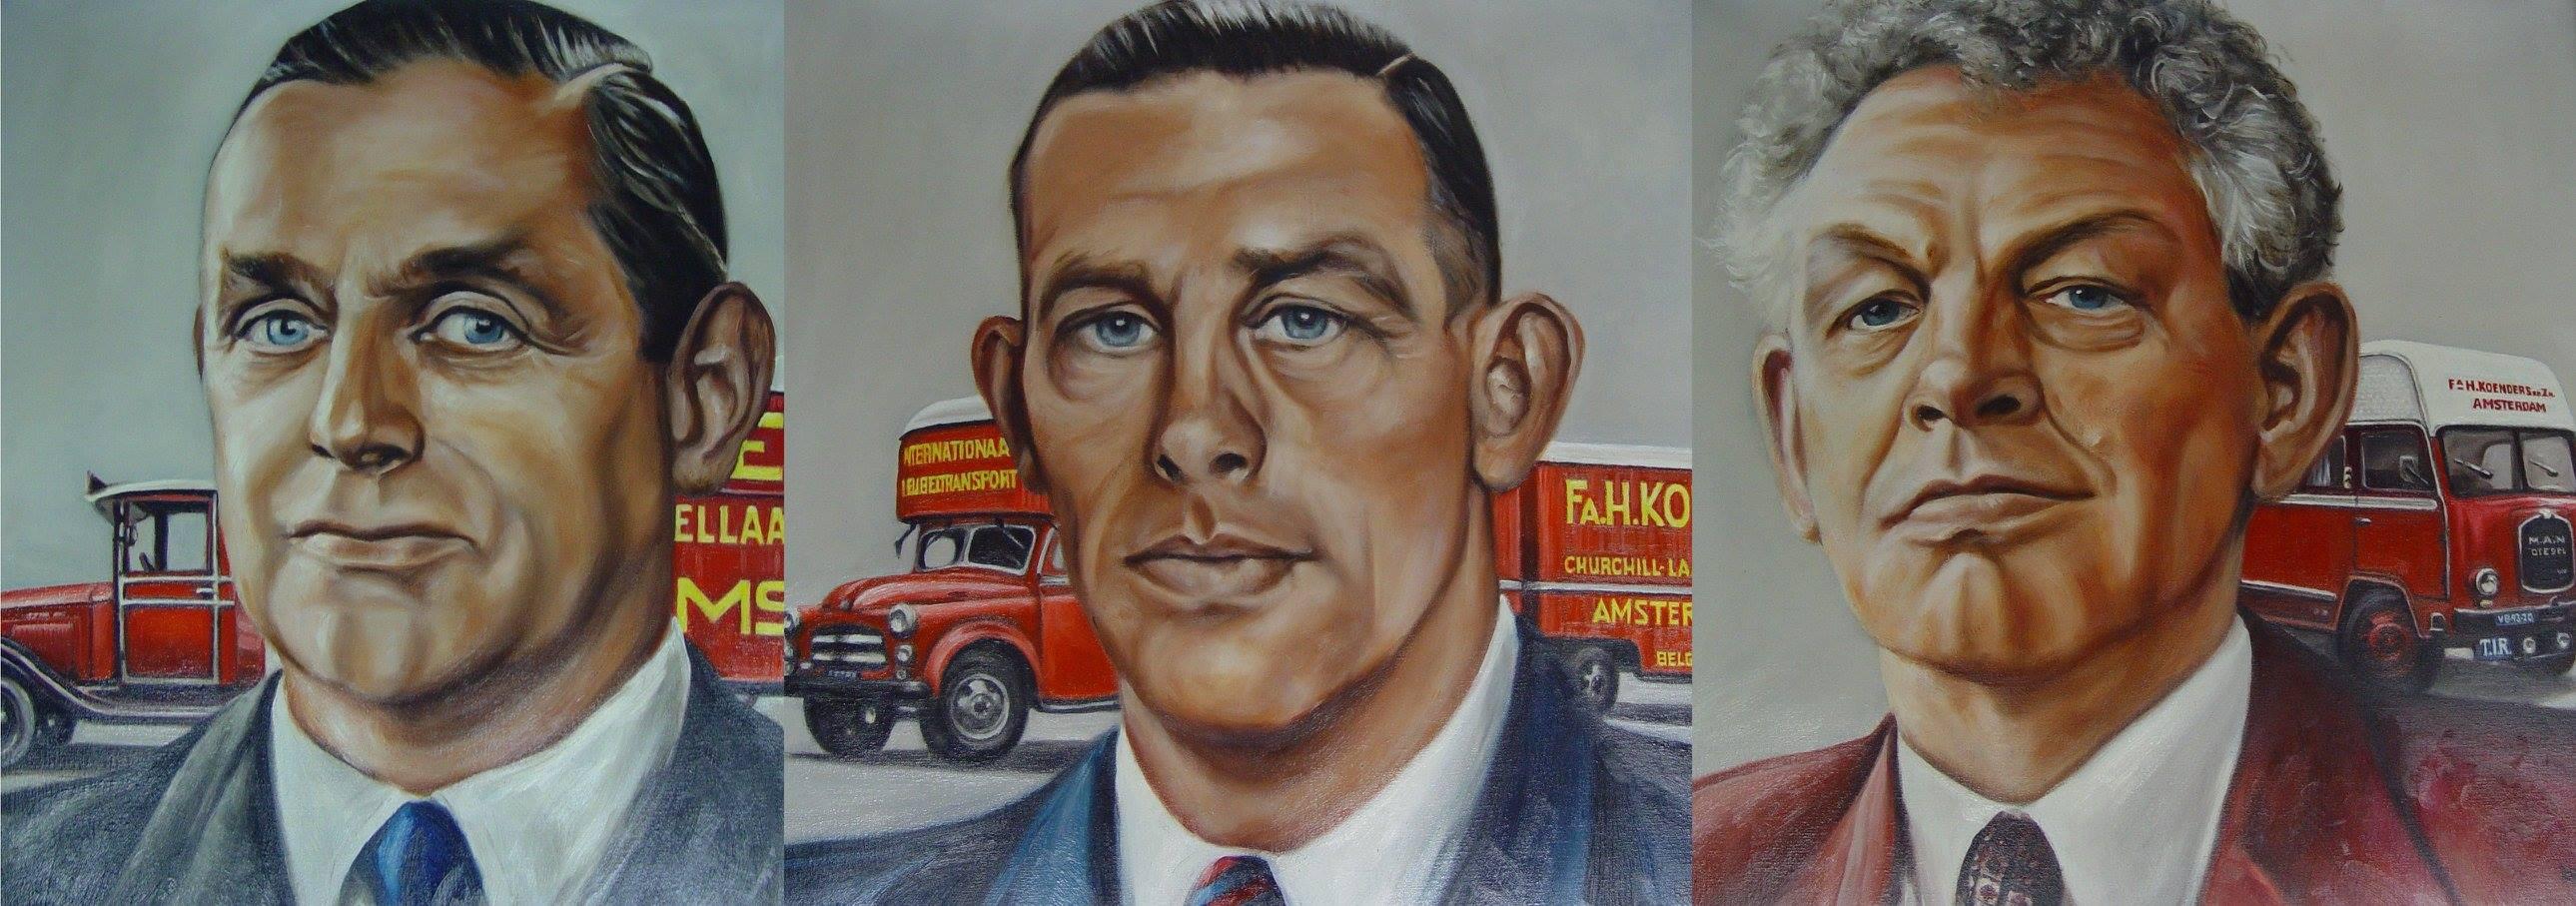 Drie-portretten-van--oud-directieleden-ter-gelegenheid-van-het-75-jaar-bestaan-van-de-zaak